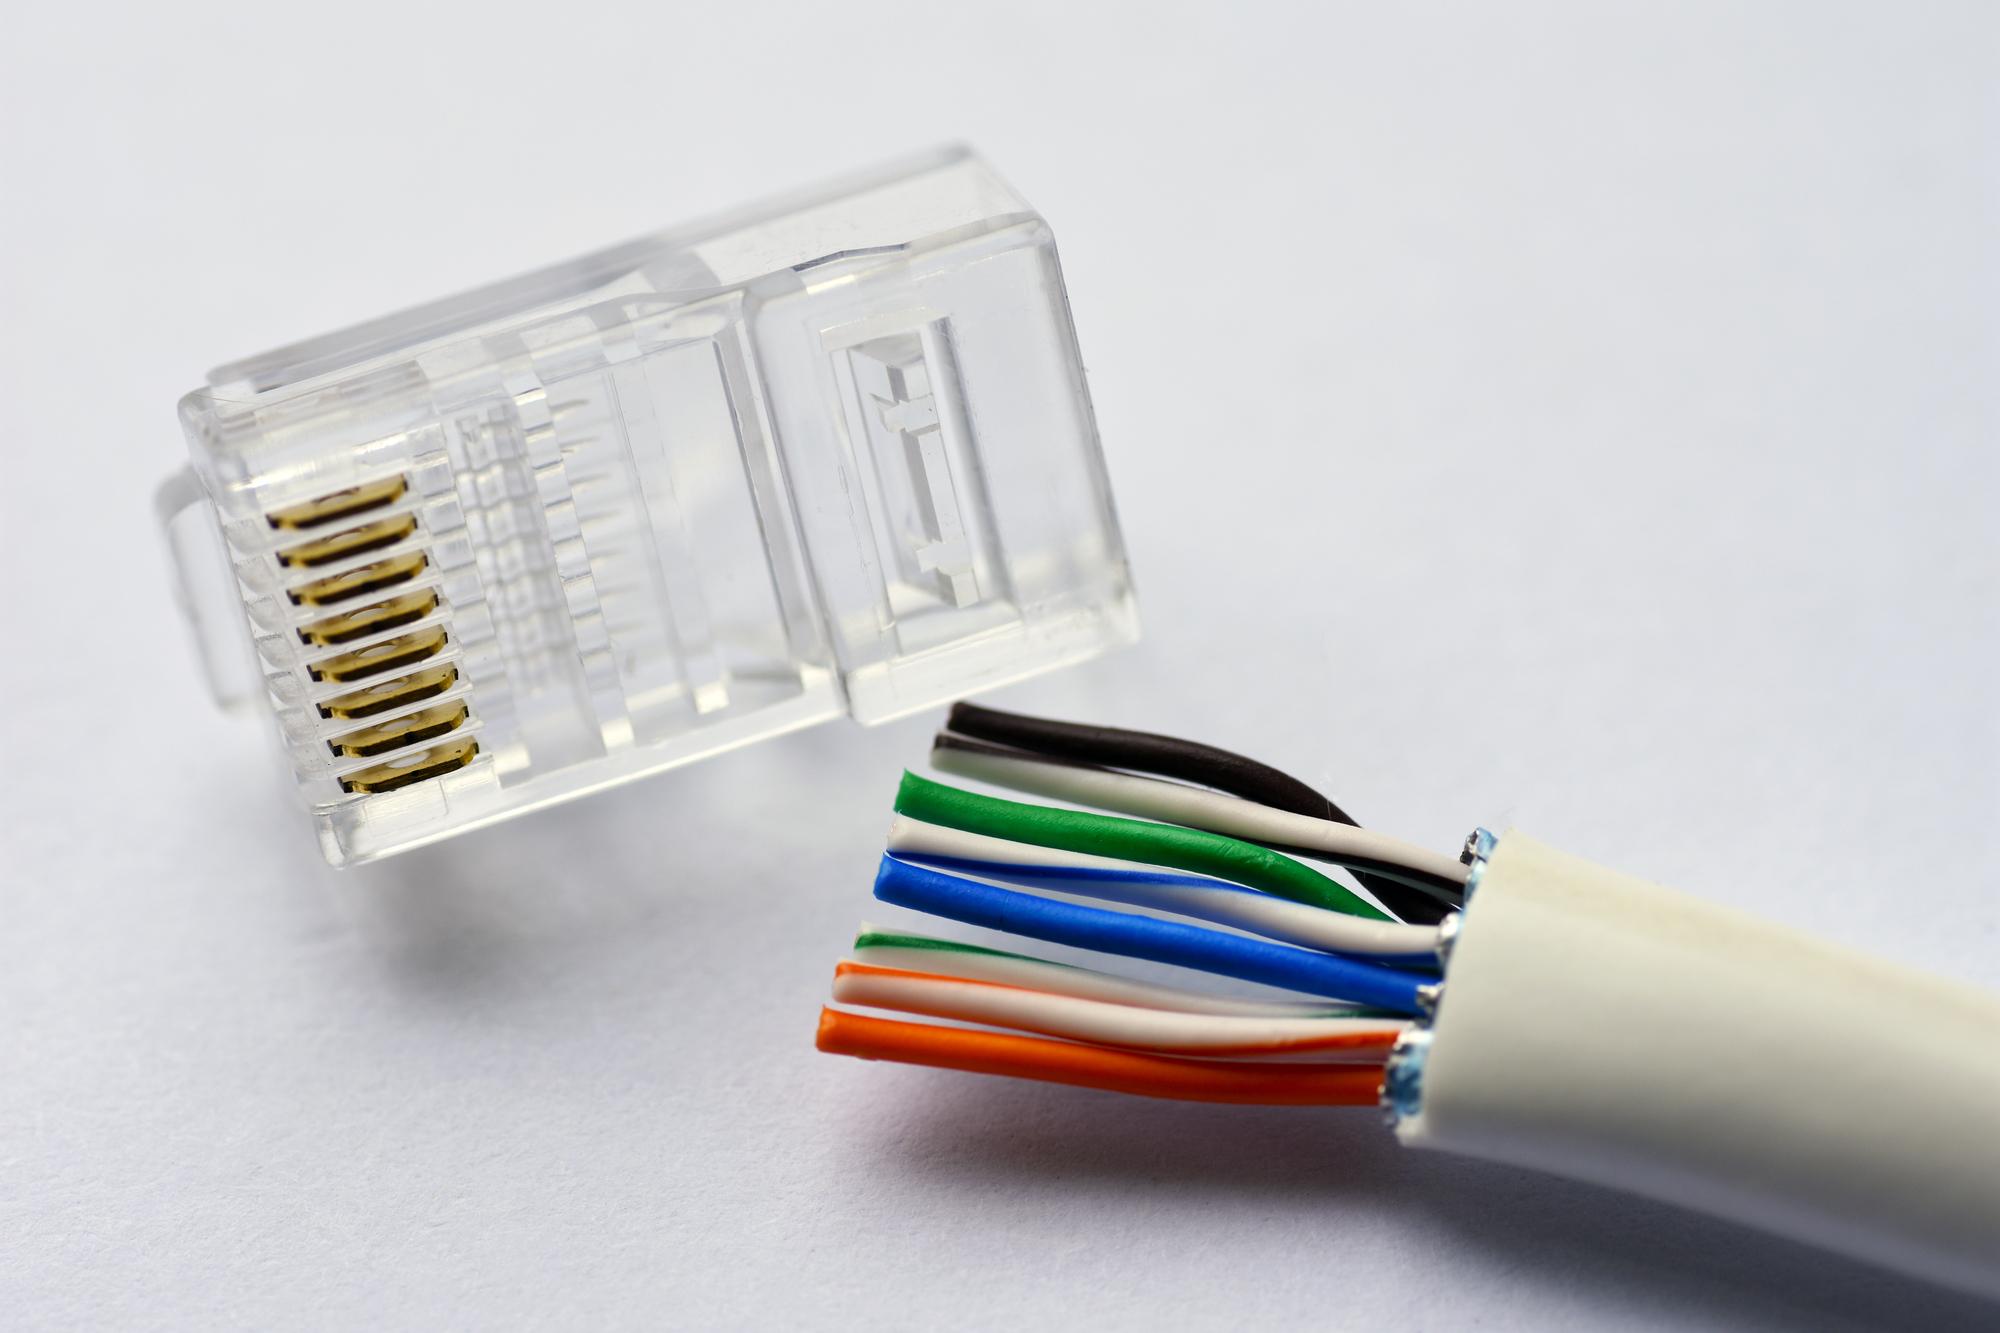 LANコネクタとLANケーブルは同じものではない?選び方や種類について